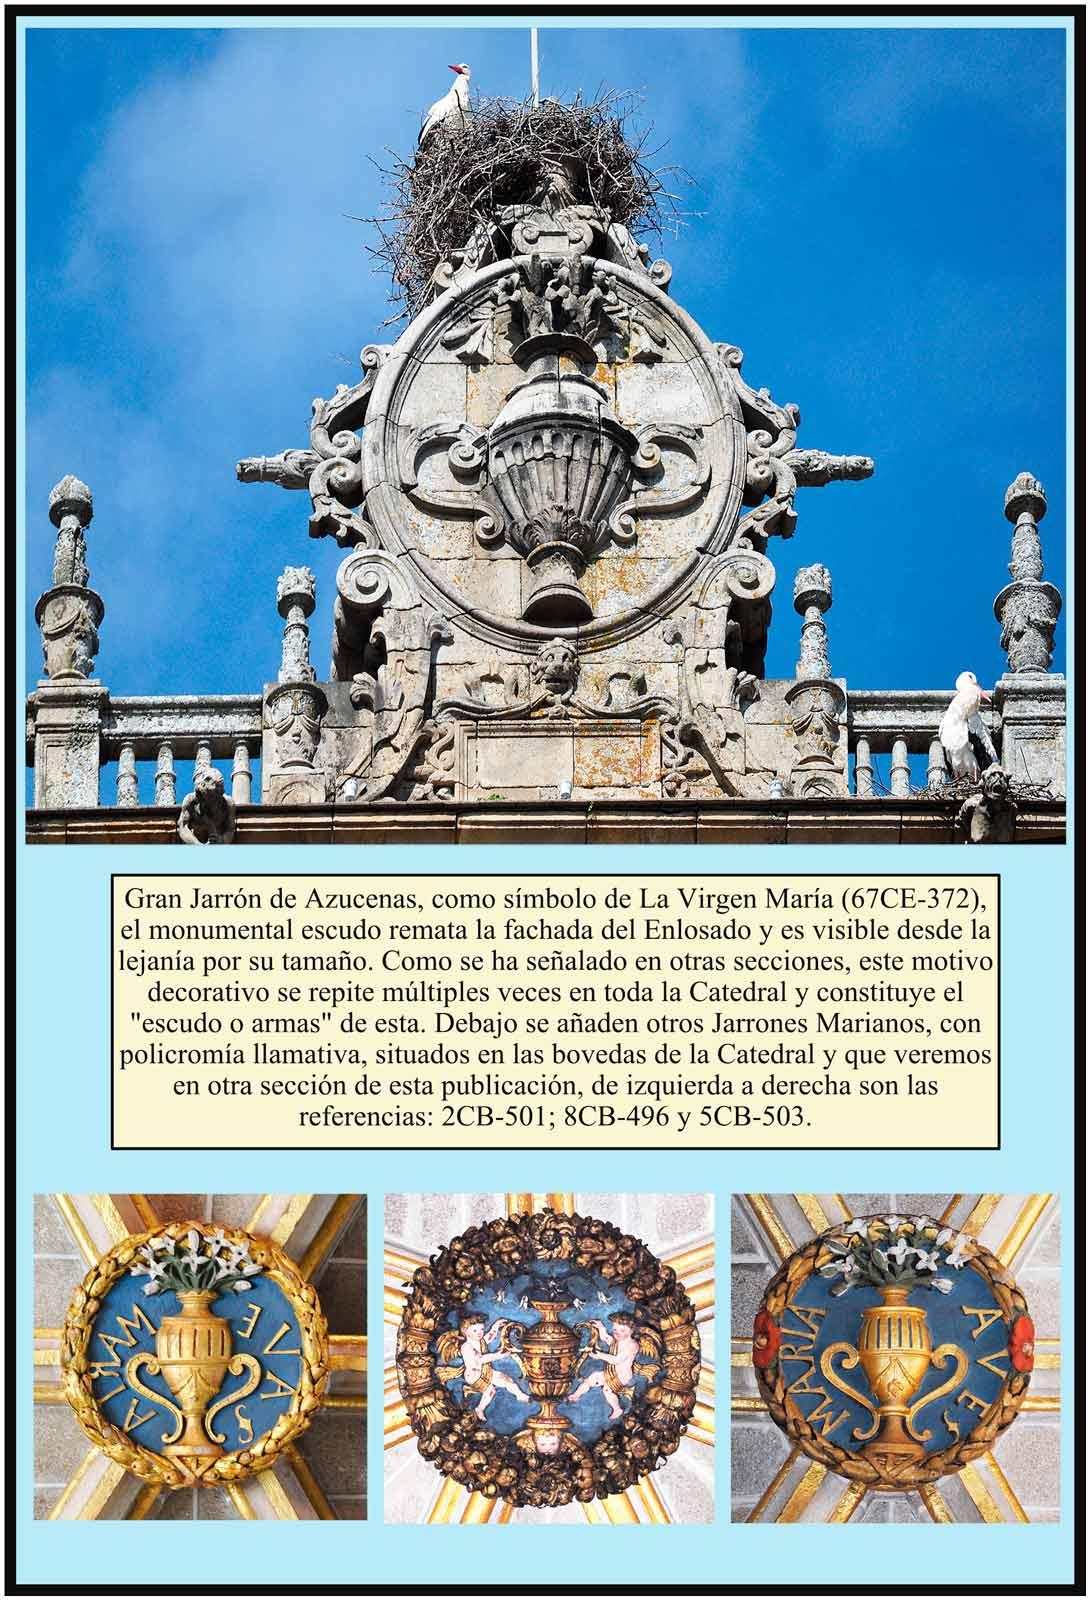 Gran Jarrón de azucenas simbolo mariano. Portada del Enlosado